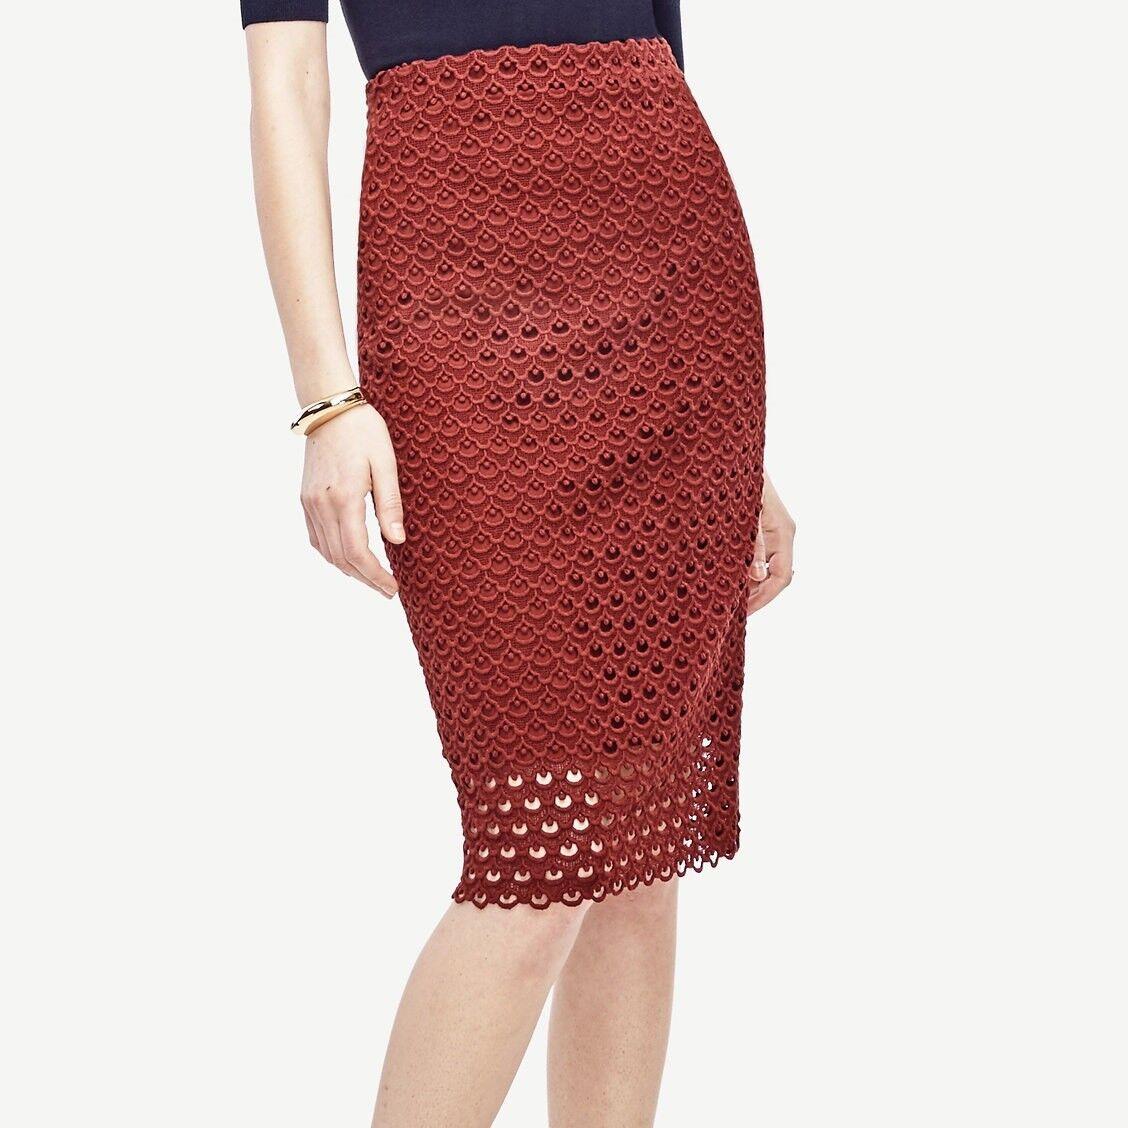 NWT  129 Ann Taylor Tulip Lace Pencil Skirt Größe 2